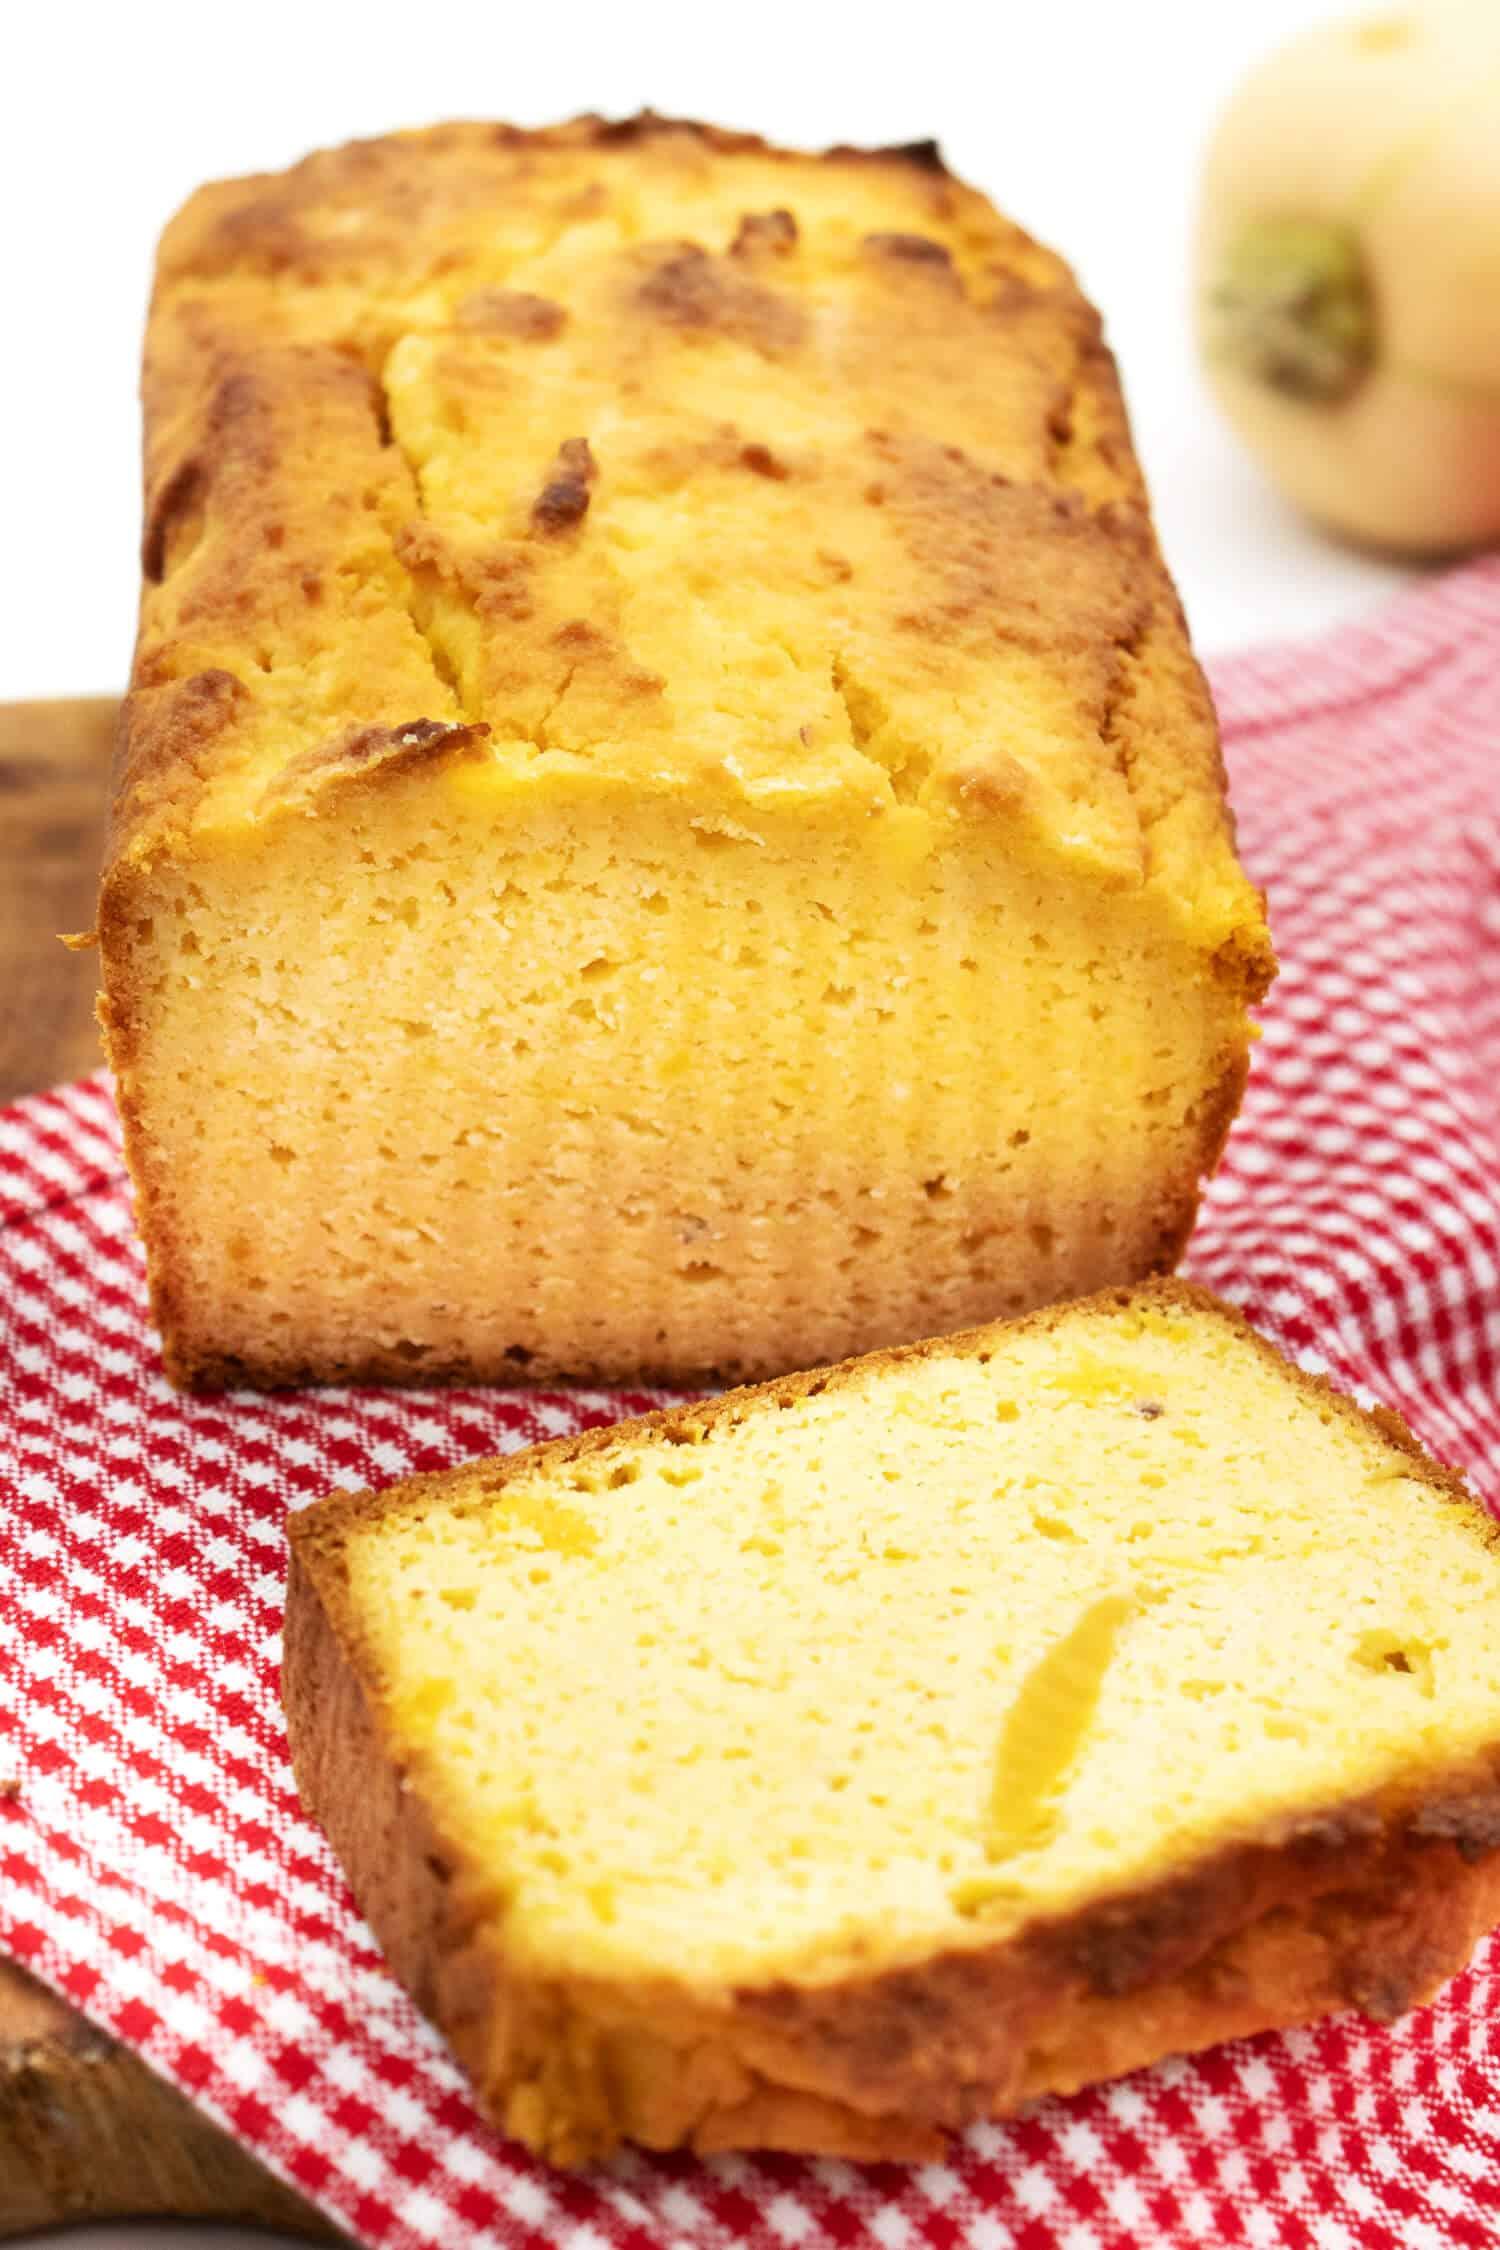 Butternut Kürbis Rezept - süßes Brot